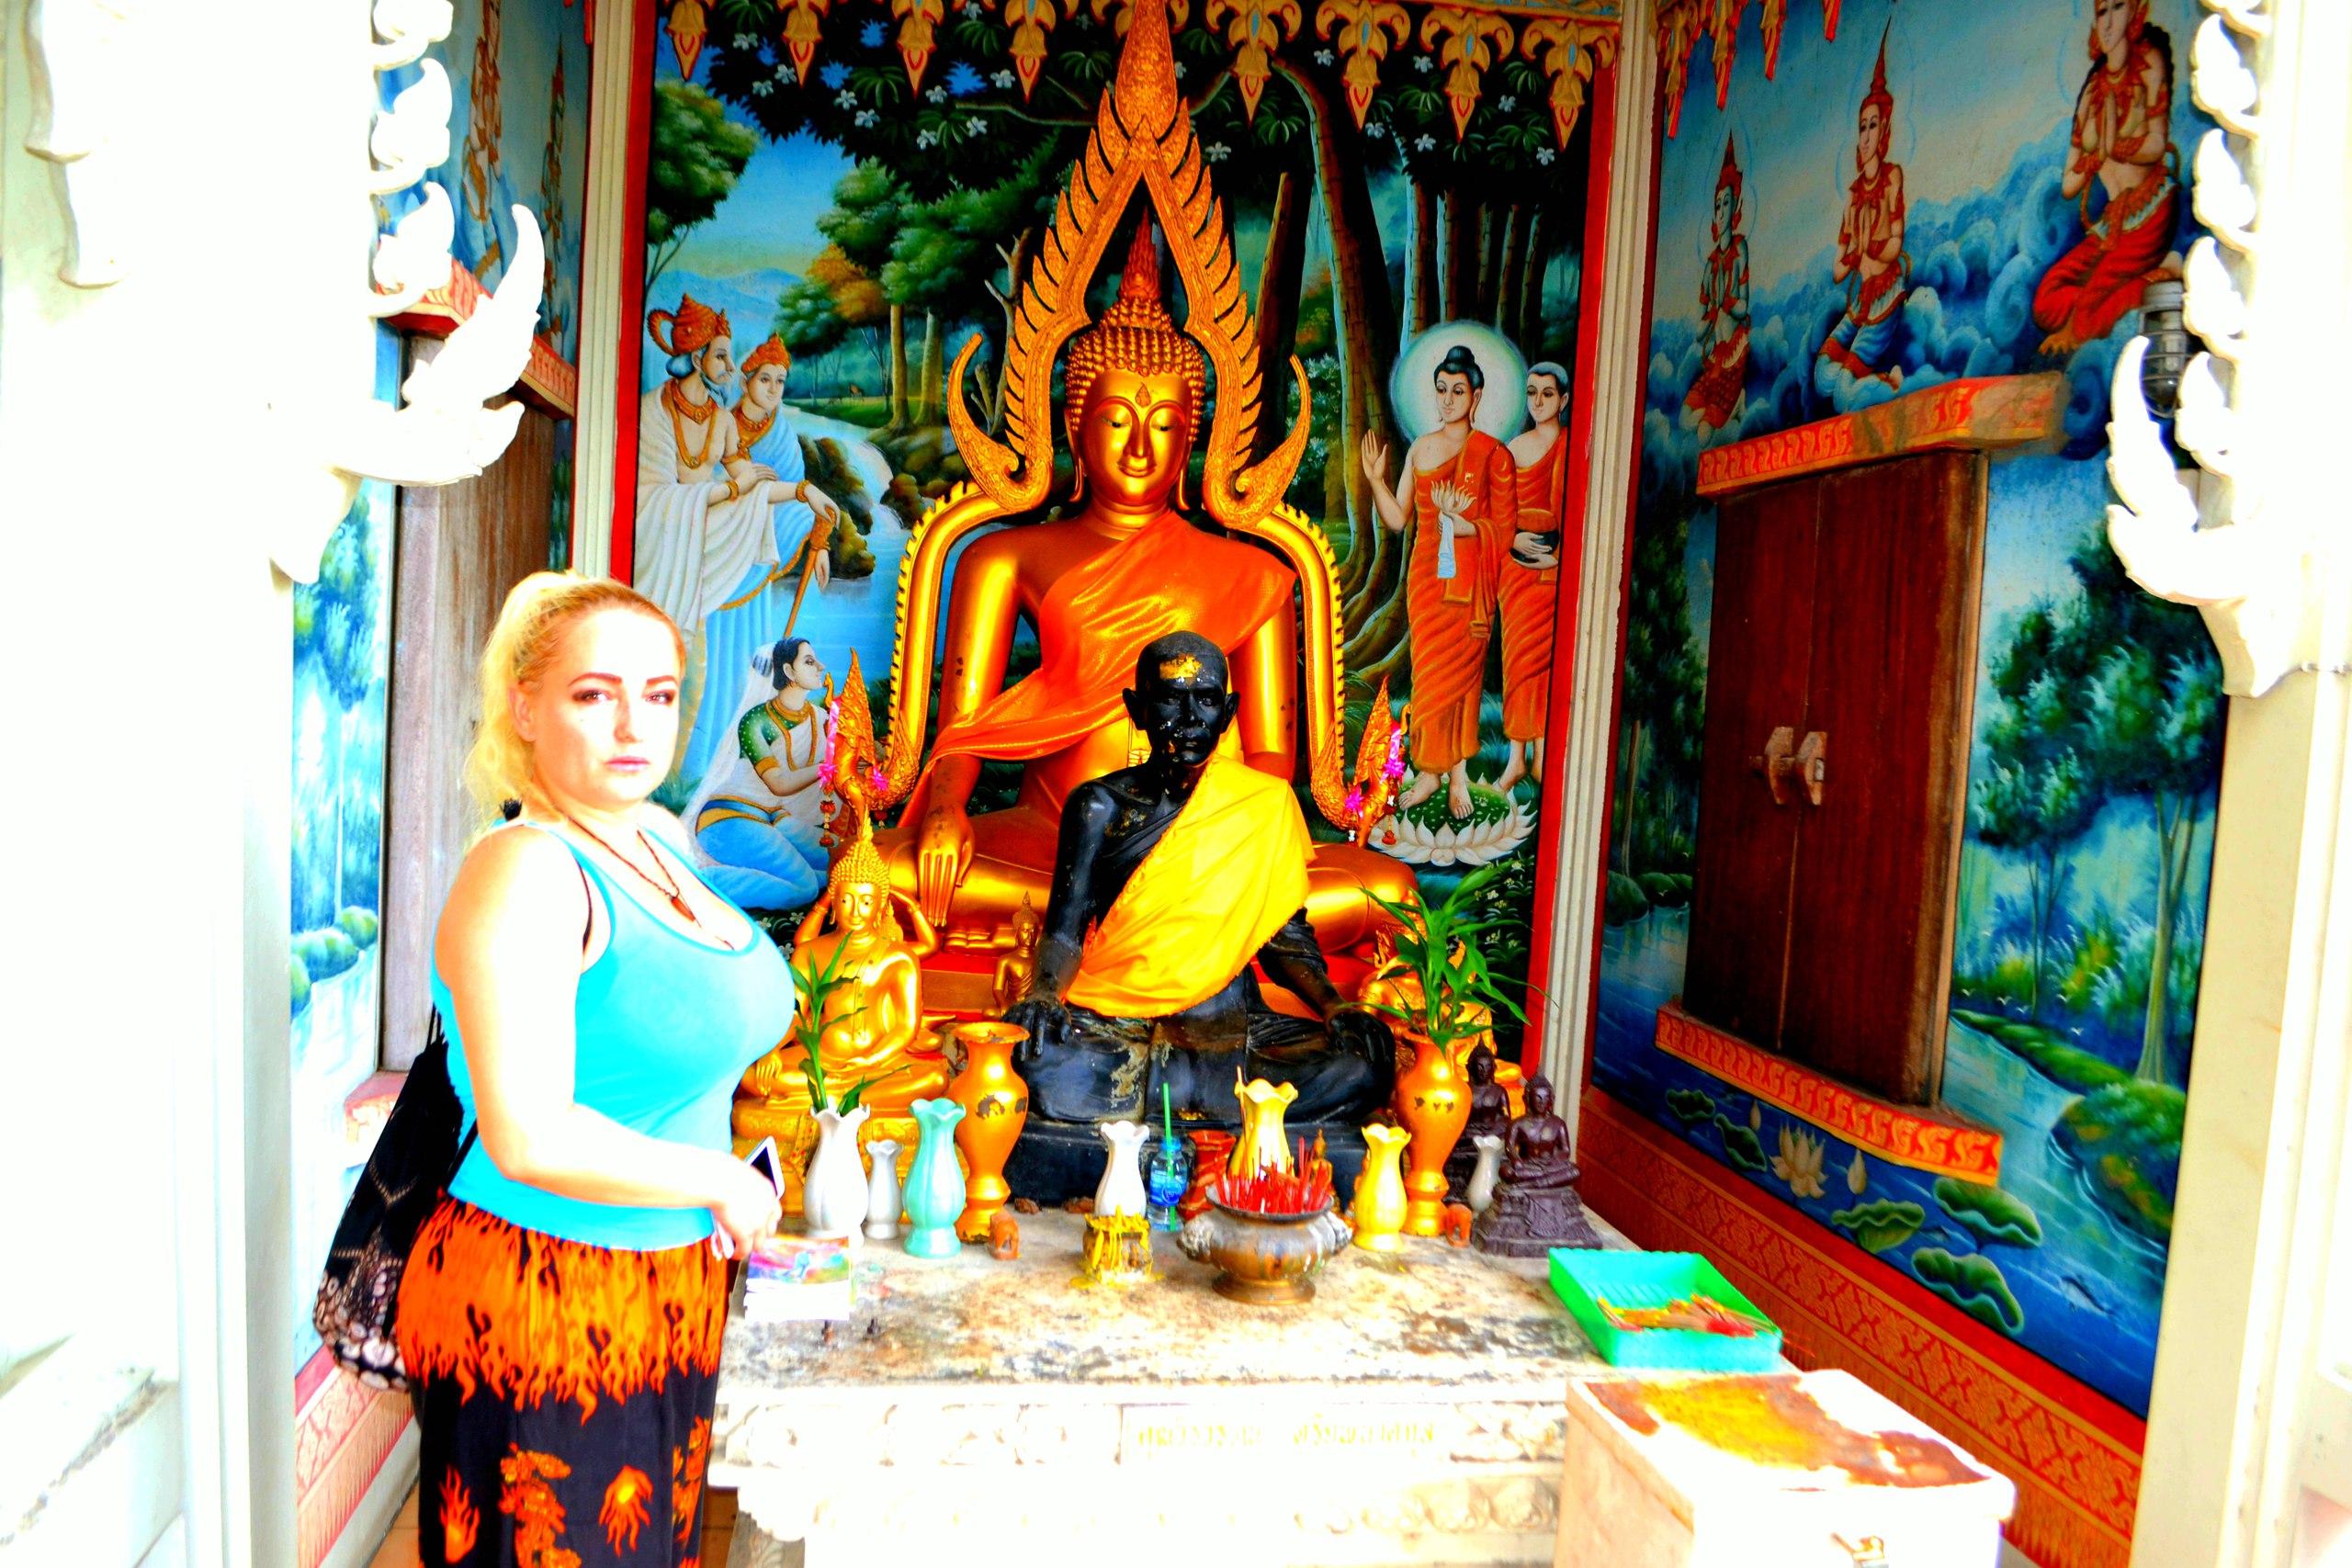 пляж - Елена Руденко (Валтея). Таиланд.  Фото и видео, а также мои впечатления, отзывы, советы и т.д. MbHX7Jxr6Bc